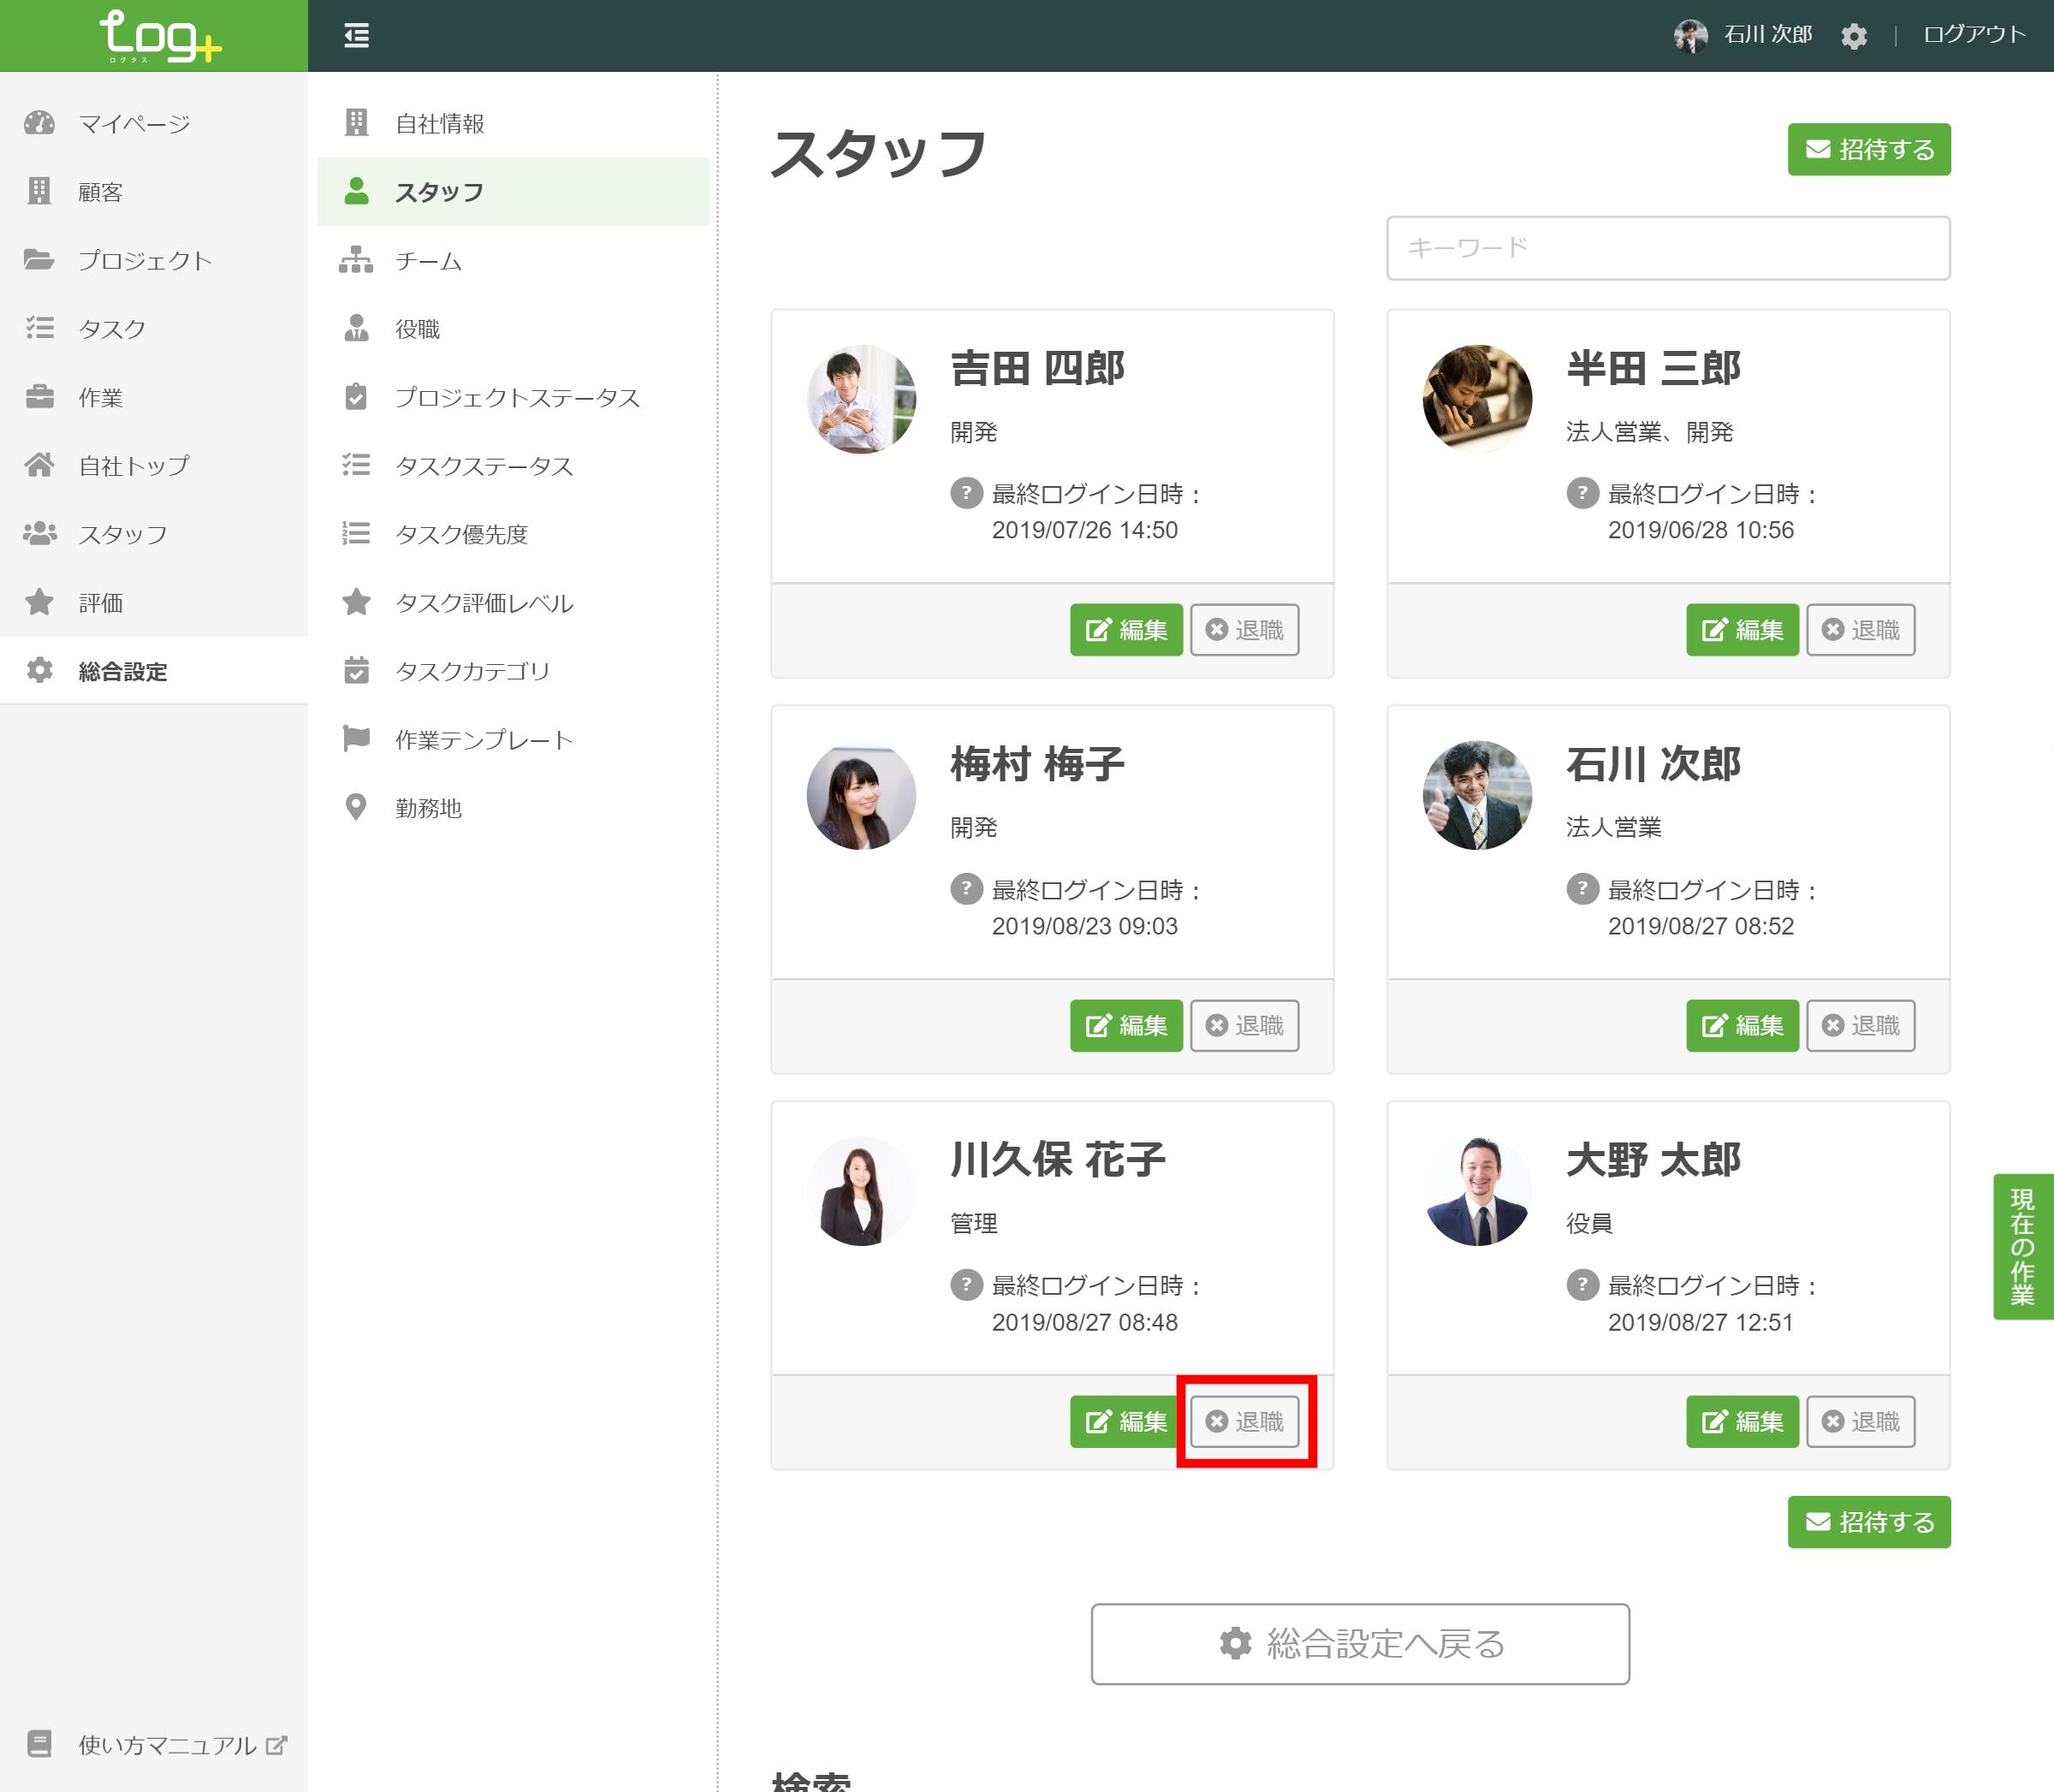 staff1_04_01_v215.png